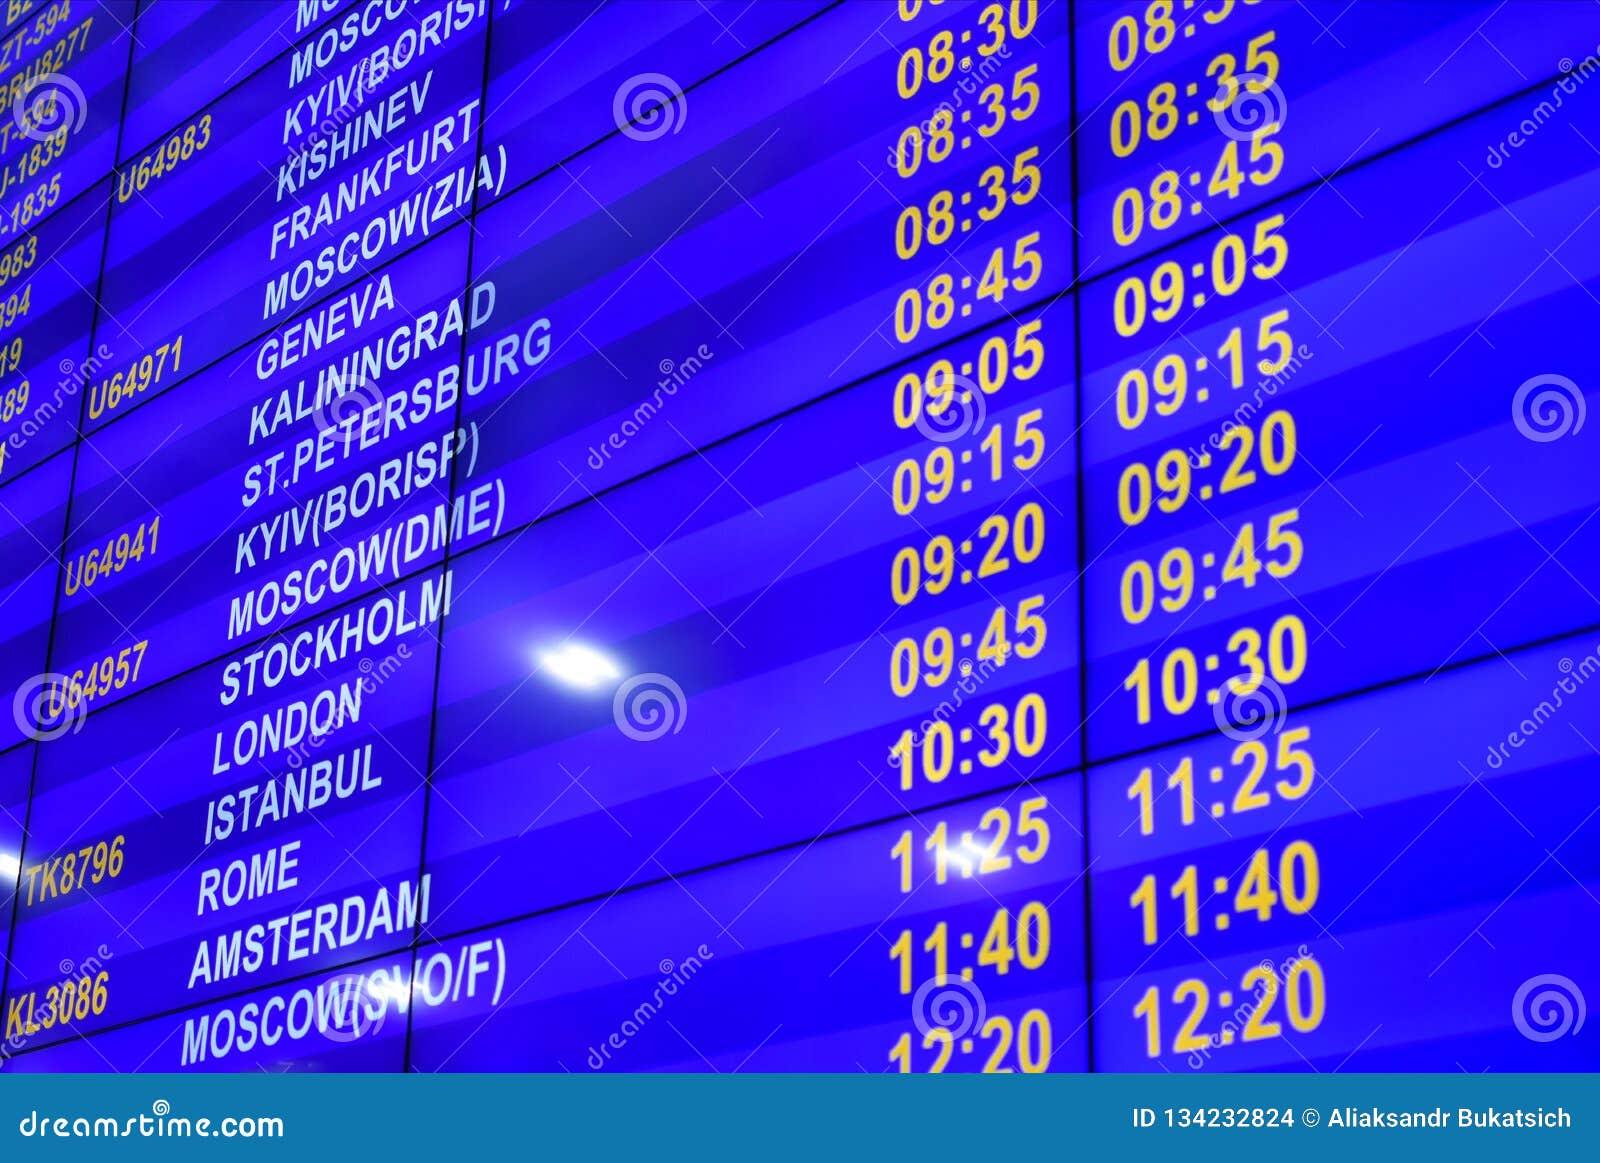 Ψηφιακός πίνακας πληροφοριών με το πρόγραμμα των πτήσεων στον αερολιμένα